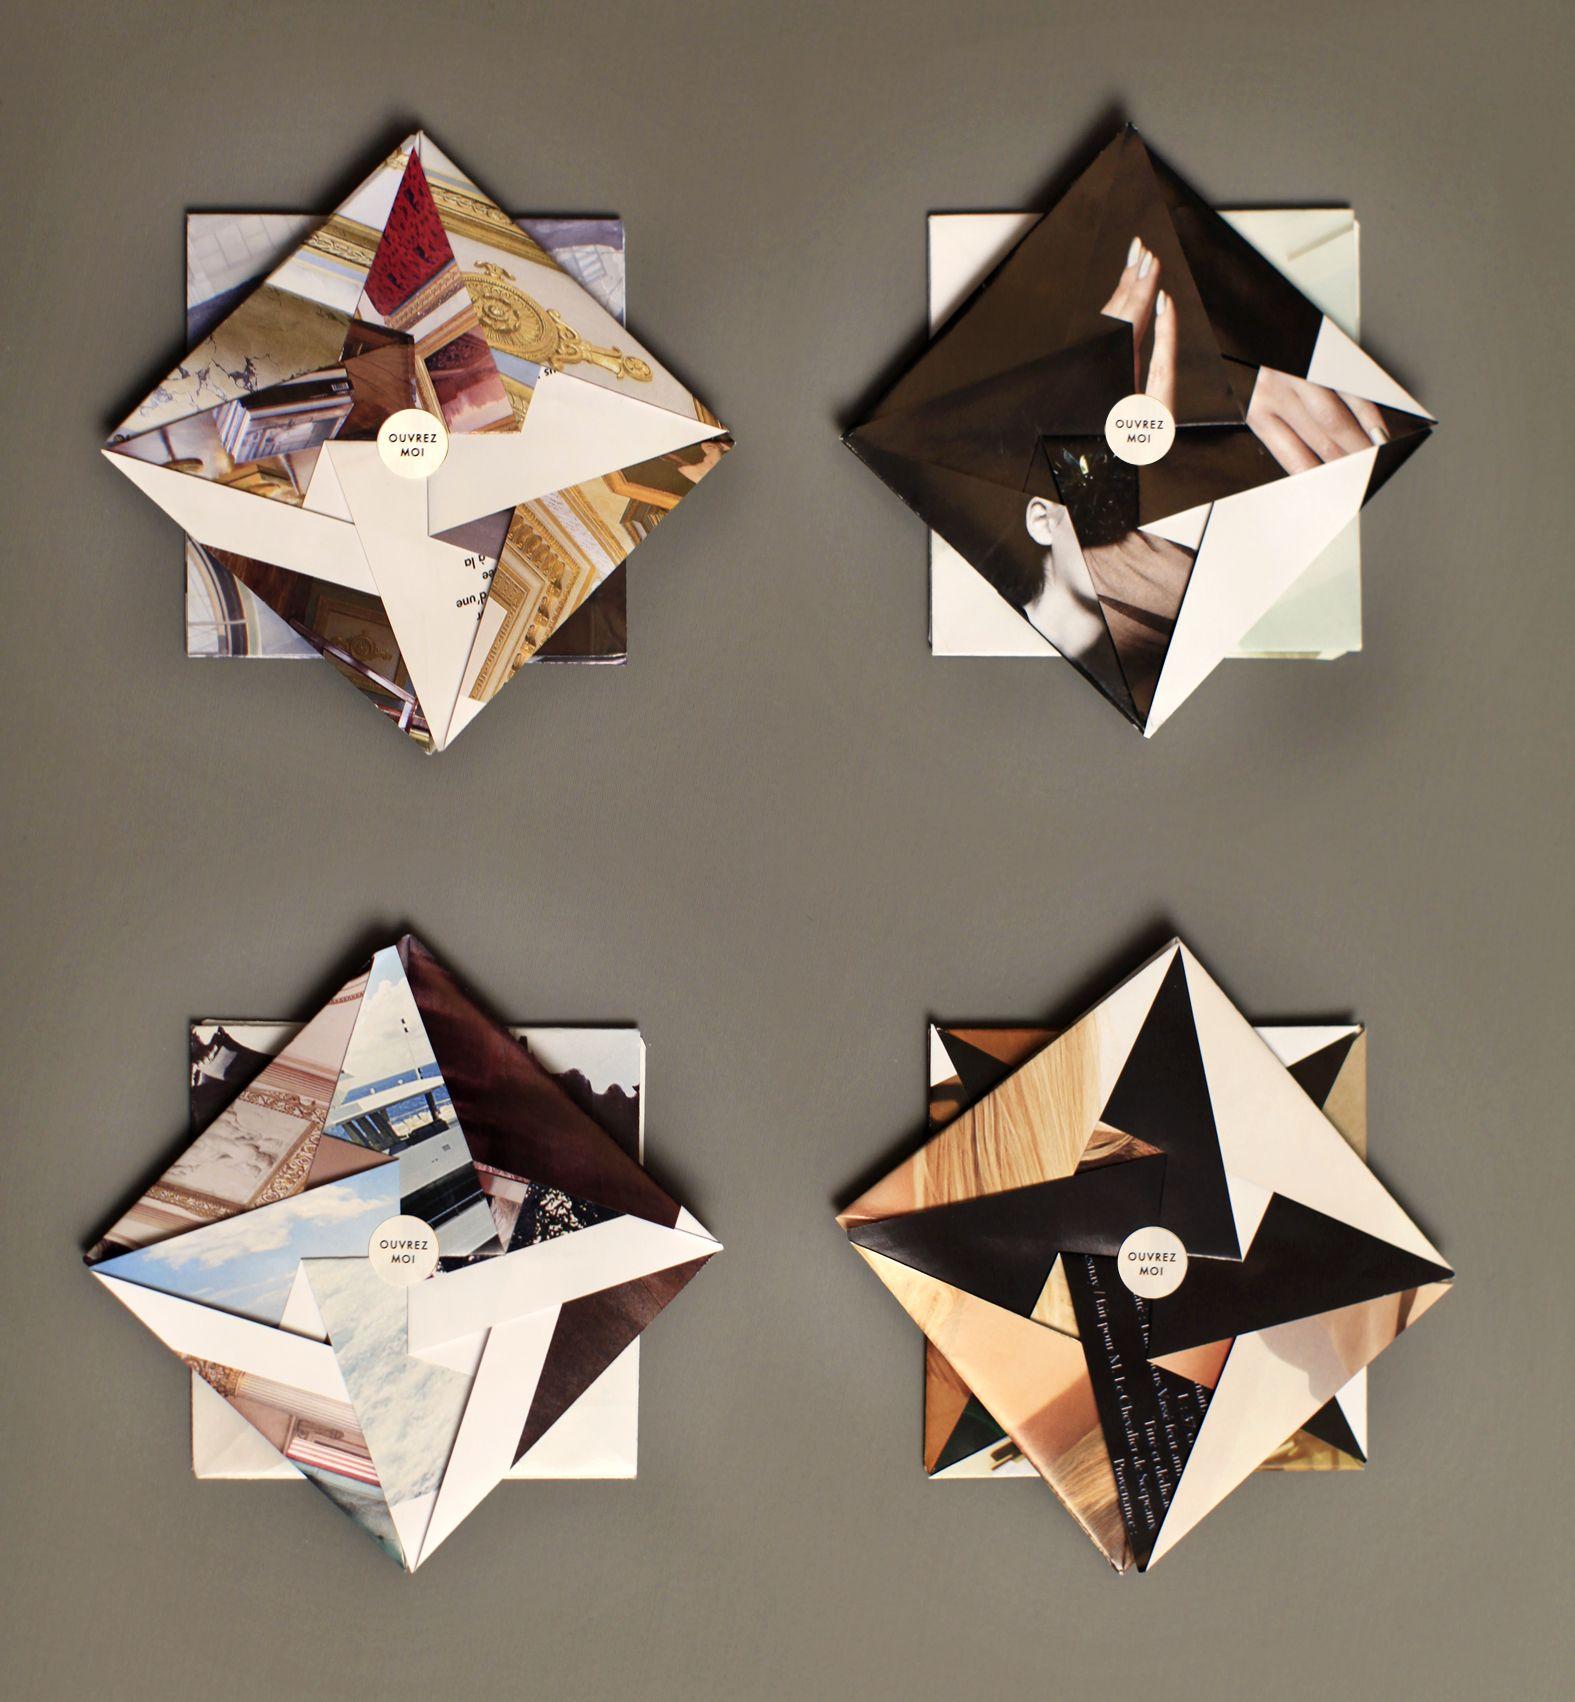 Origami folded books